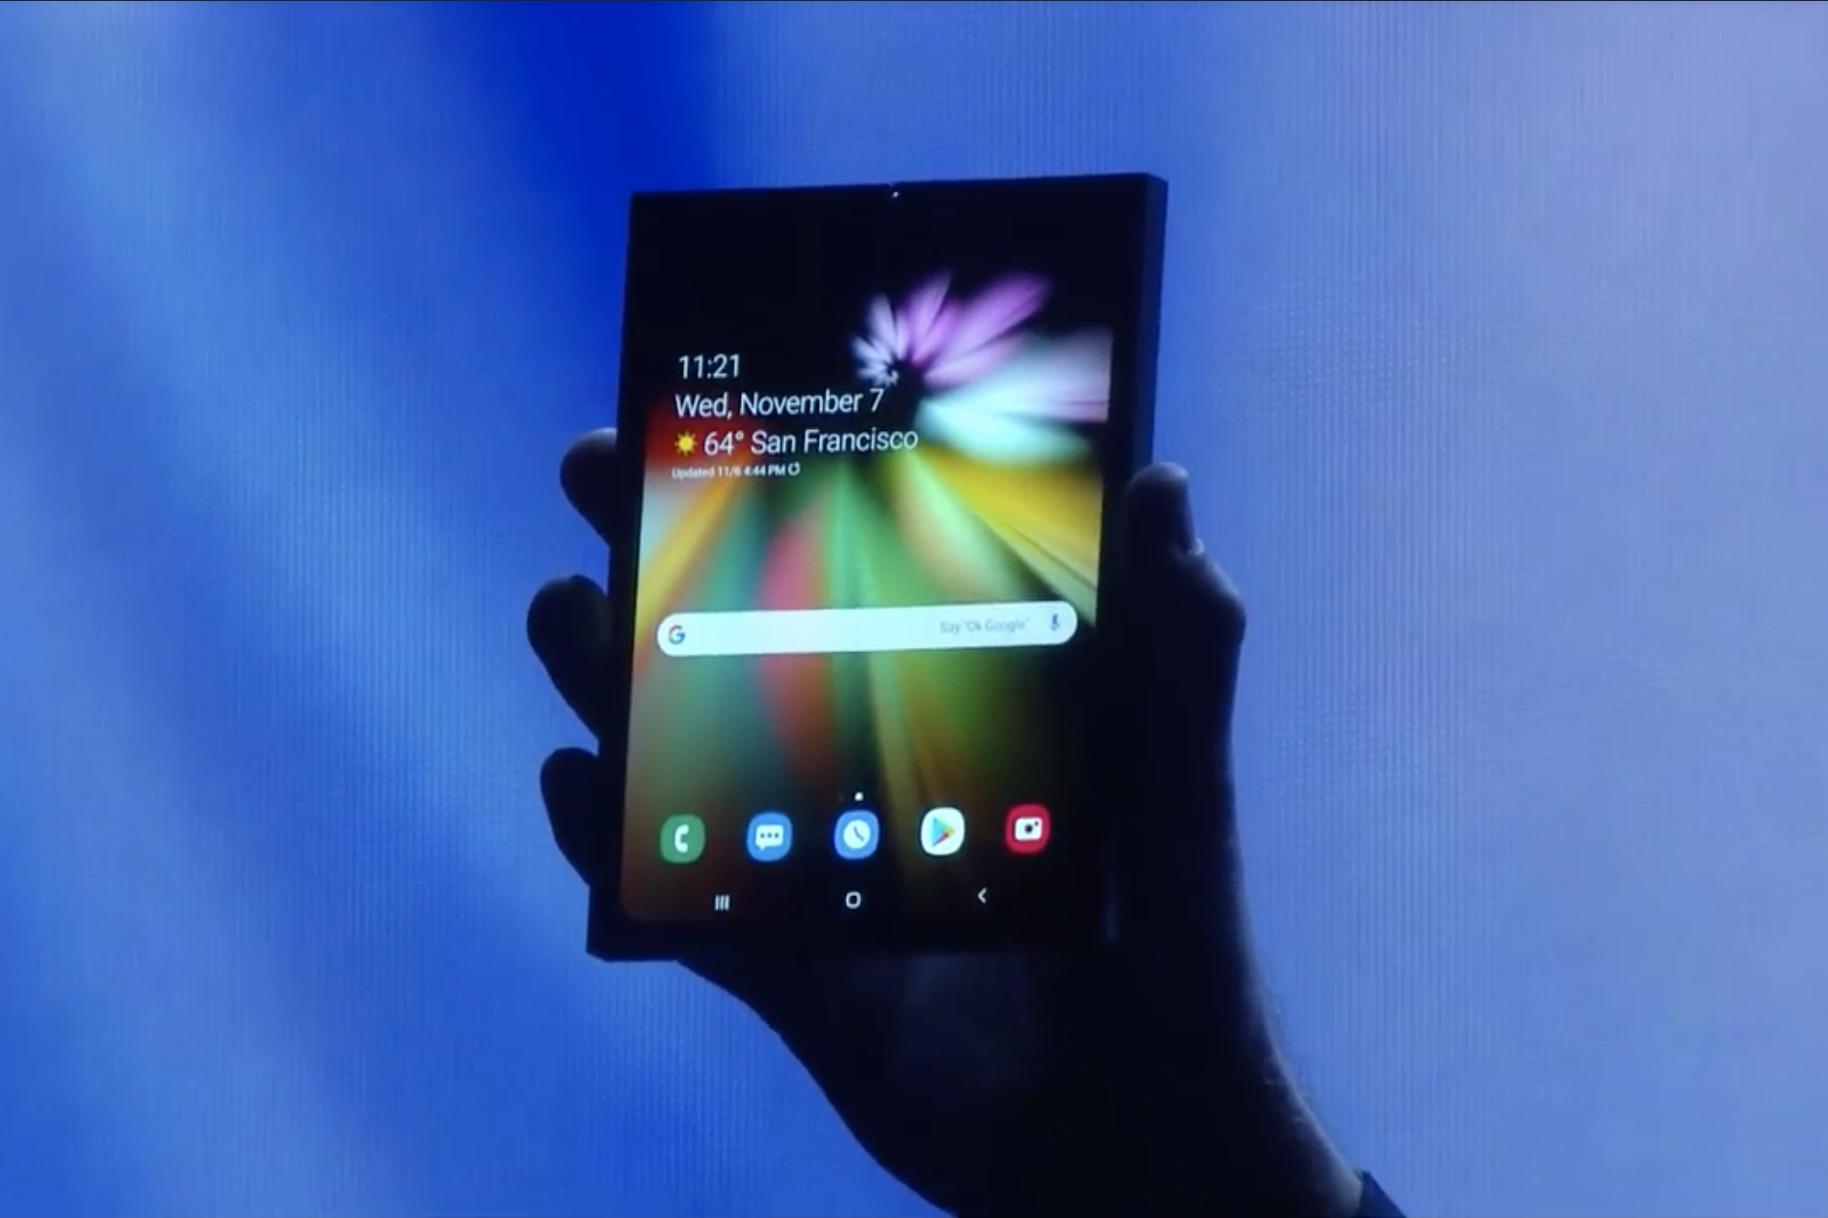 Samsung telefono tolesgarri batekin agertu zen!